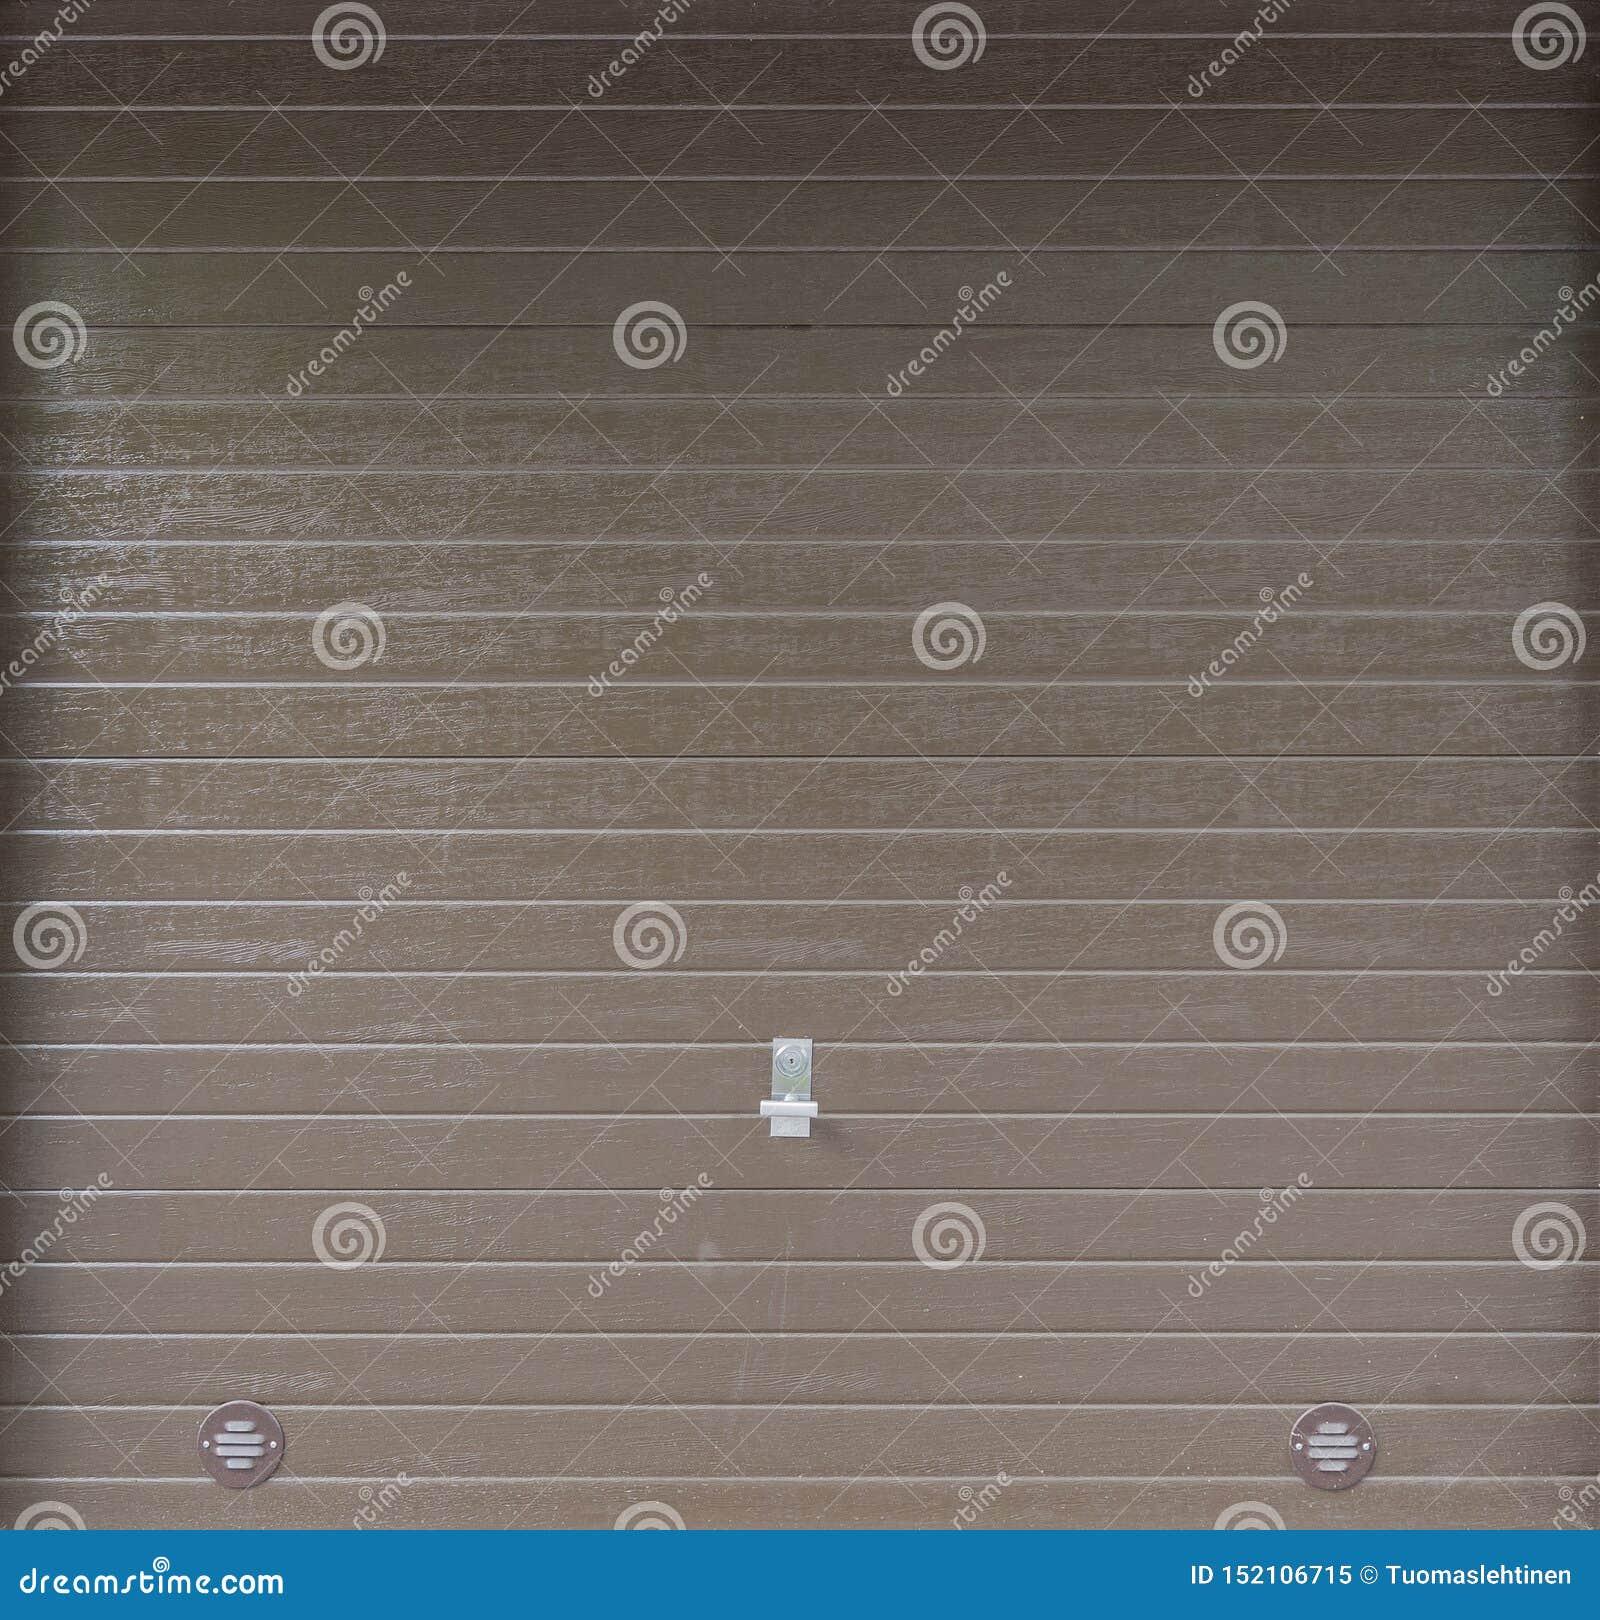 Garage Door Background Stock Image Image Of Metal Closed 152106715